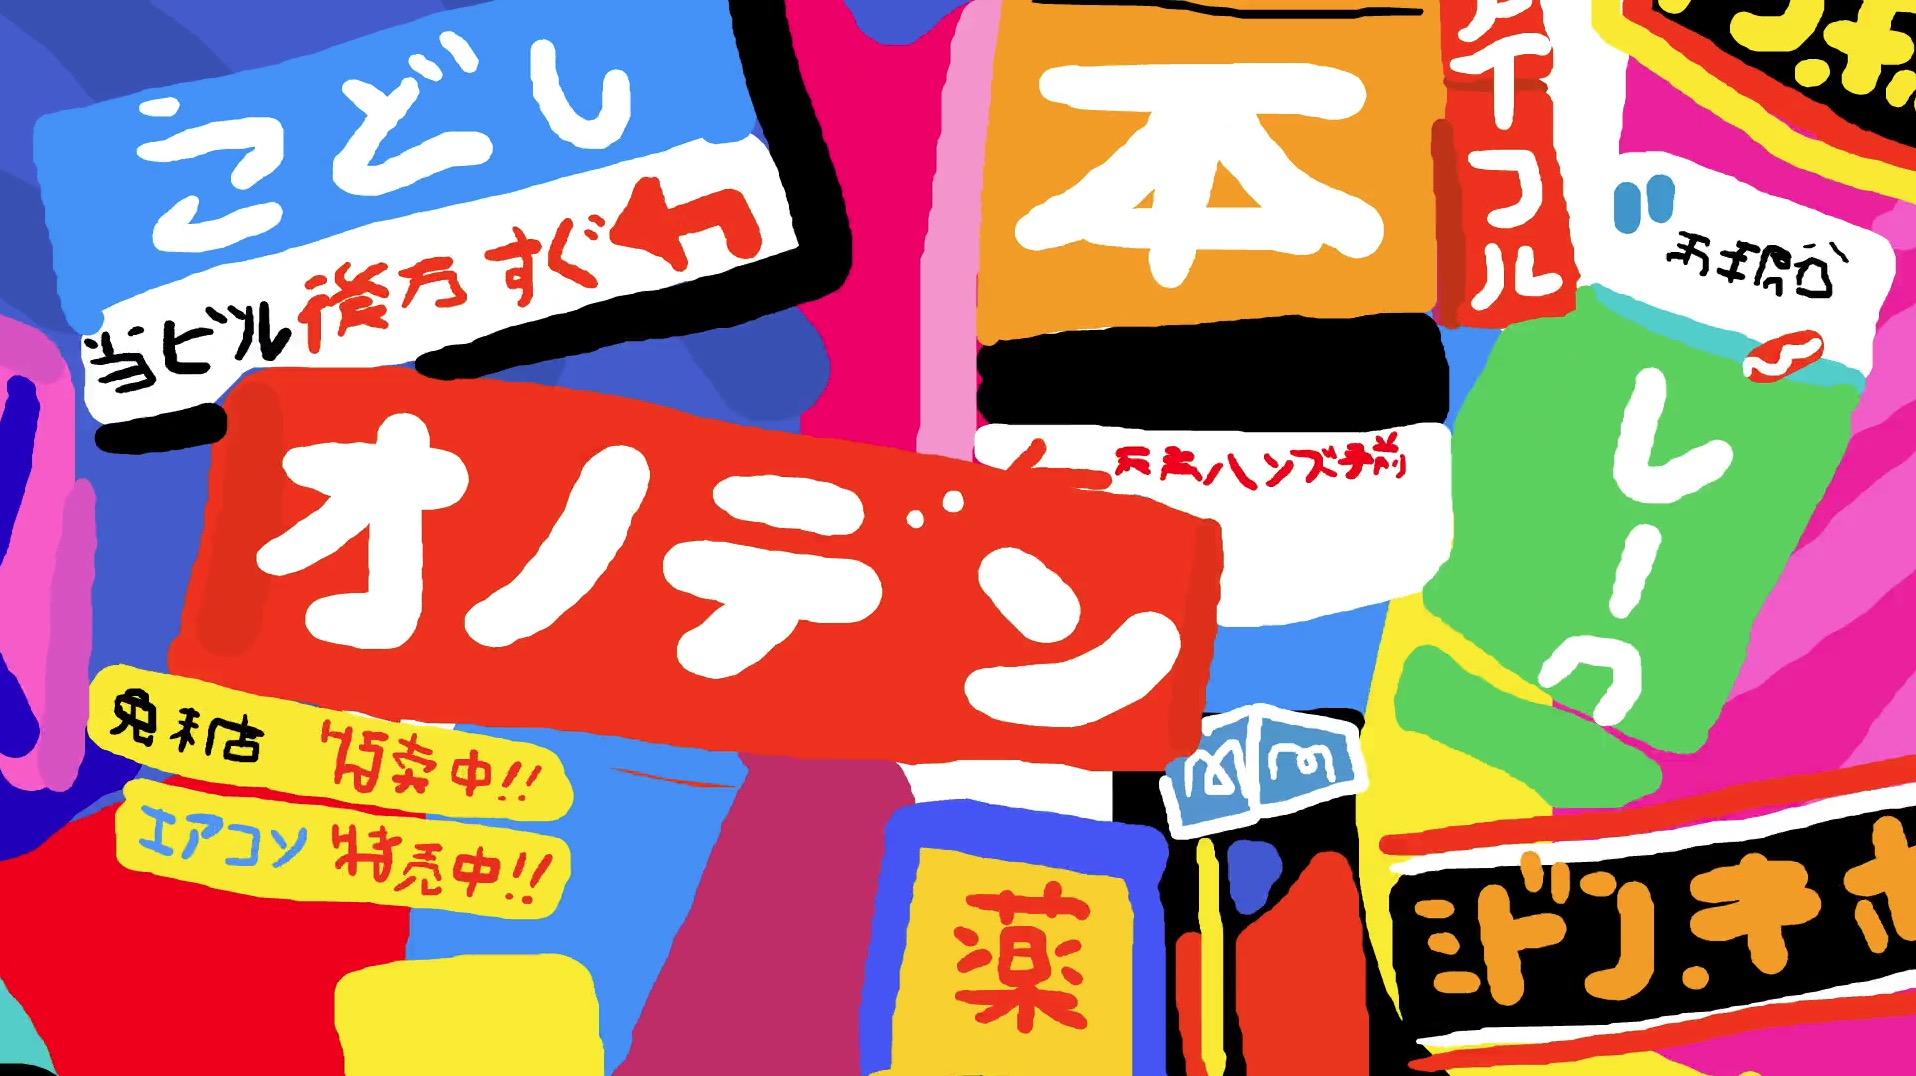 Un viaggio in Giappone raccontato da un'animazione